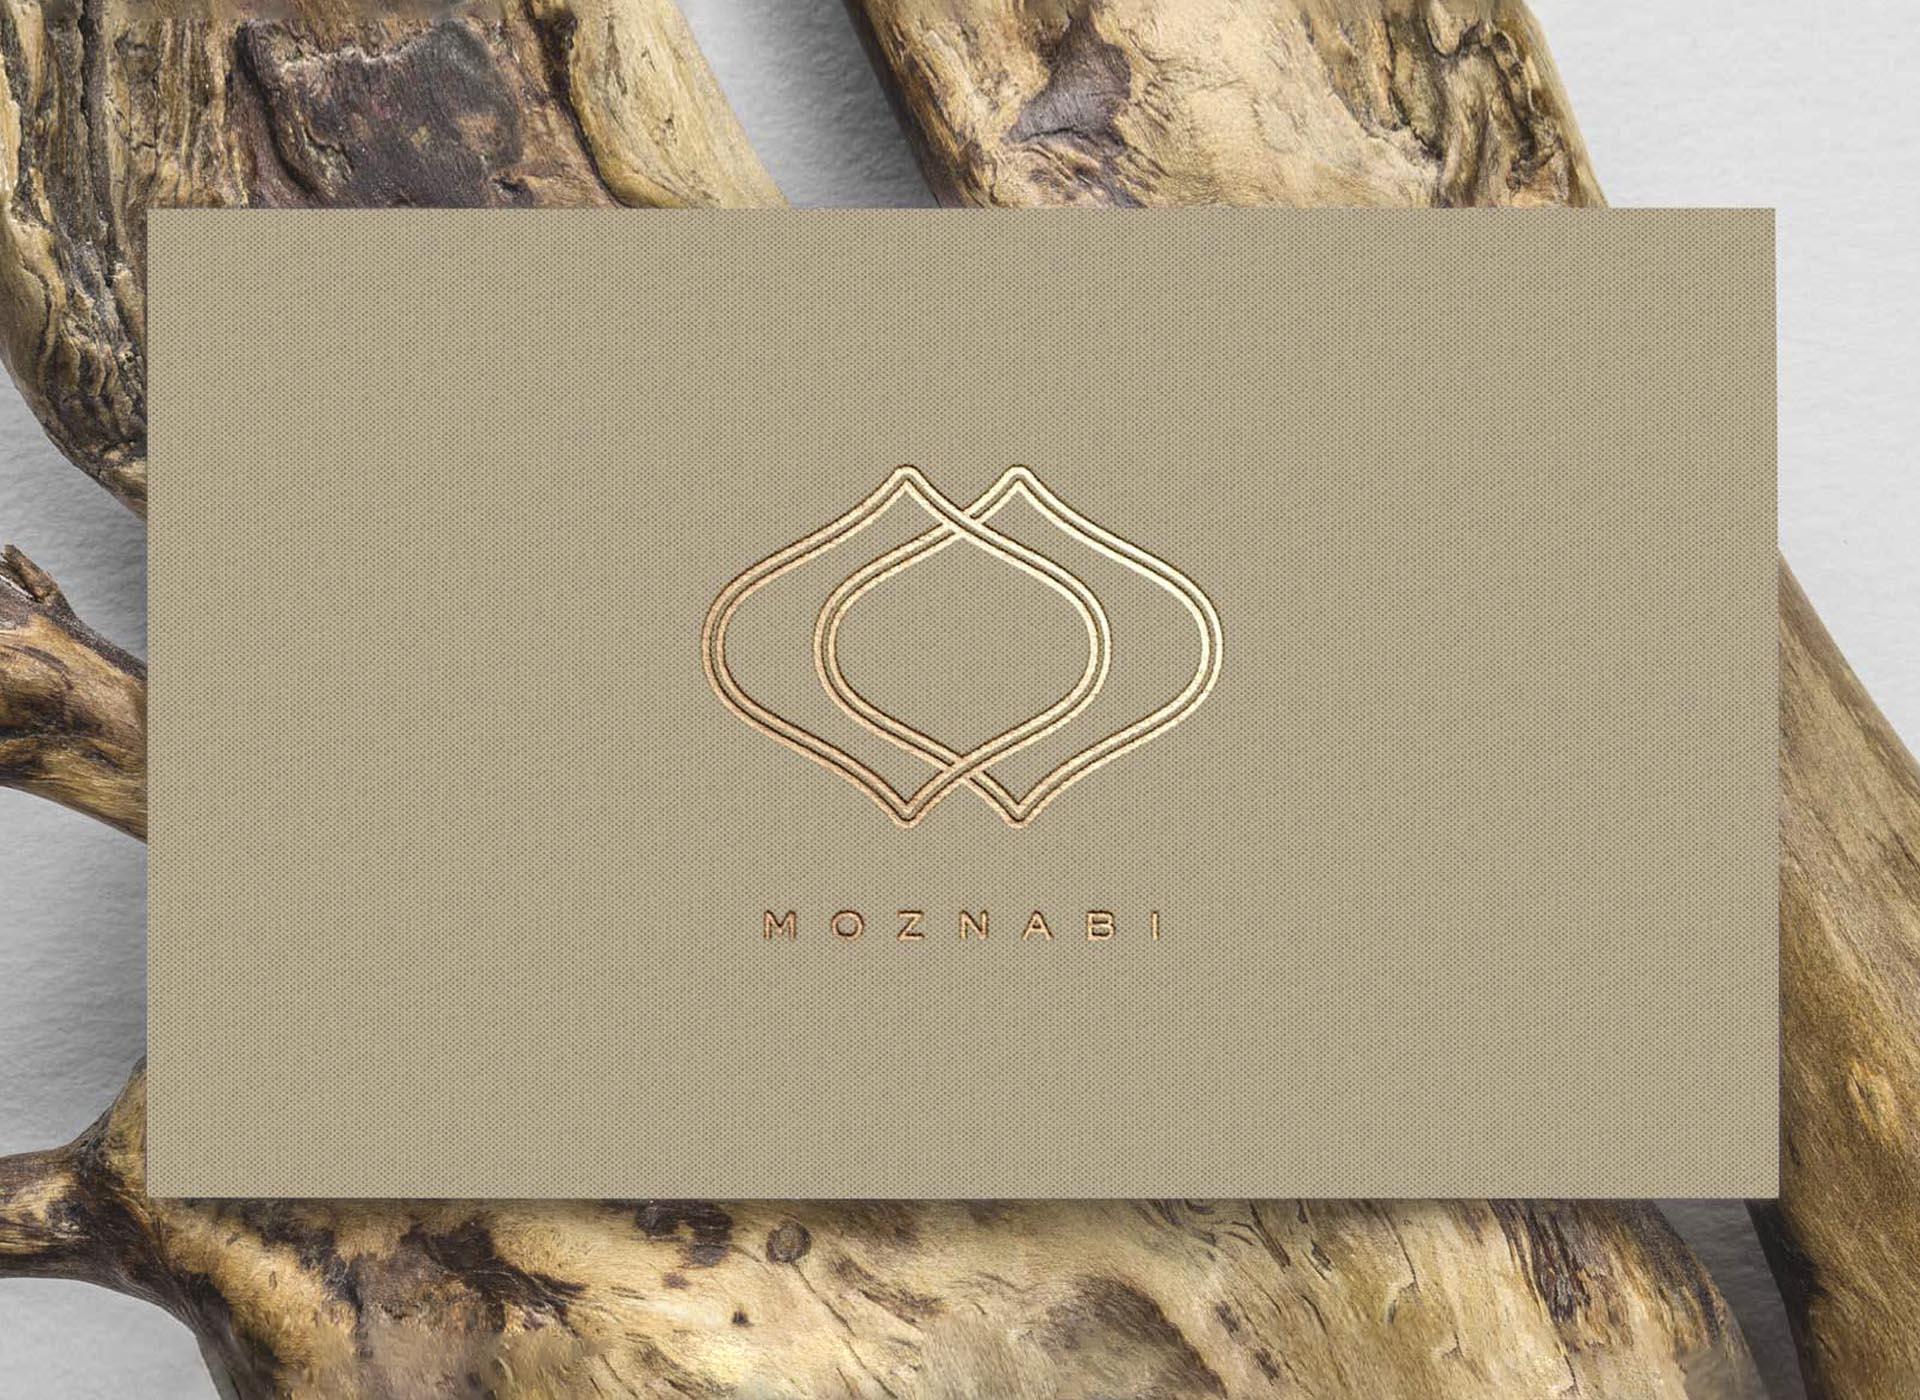 branding_0007_Gold-Foil-B-Card-MockUddddp2.jpg